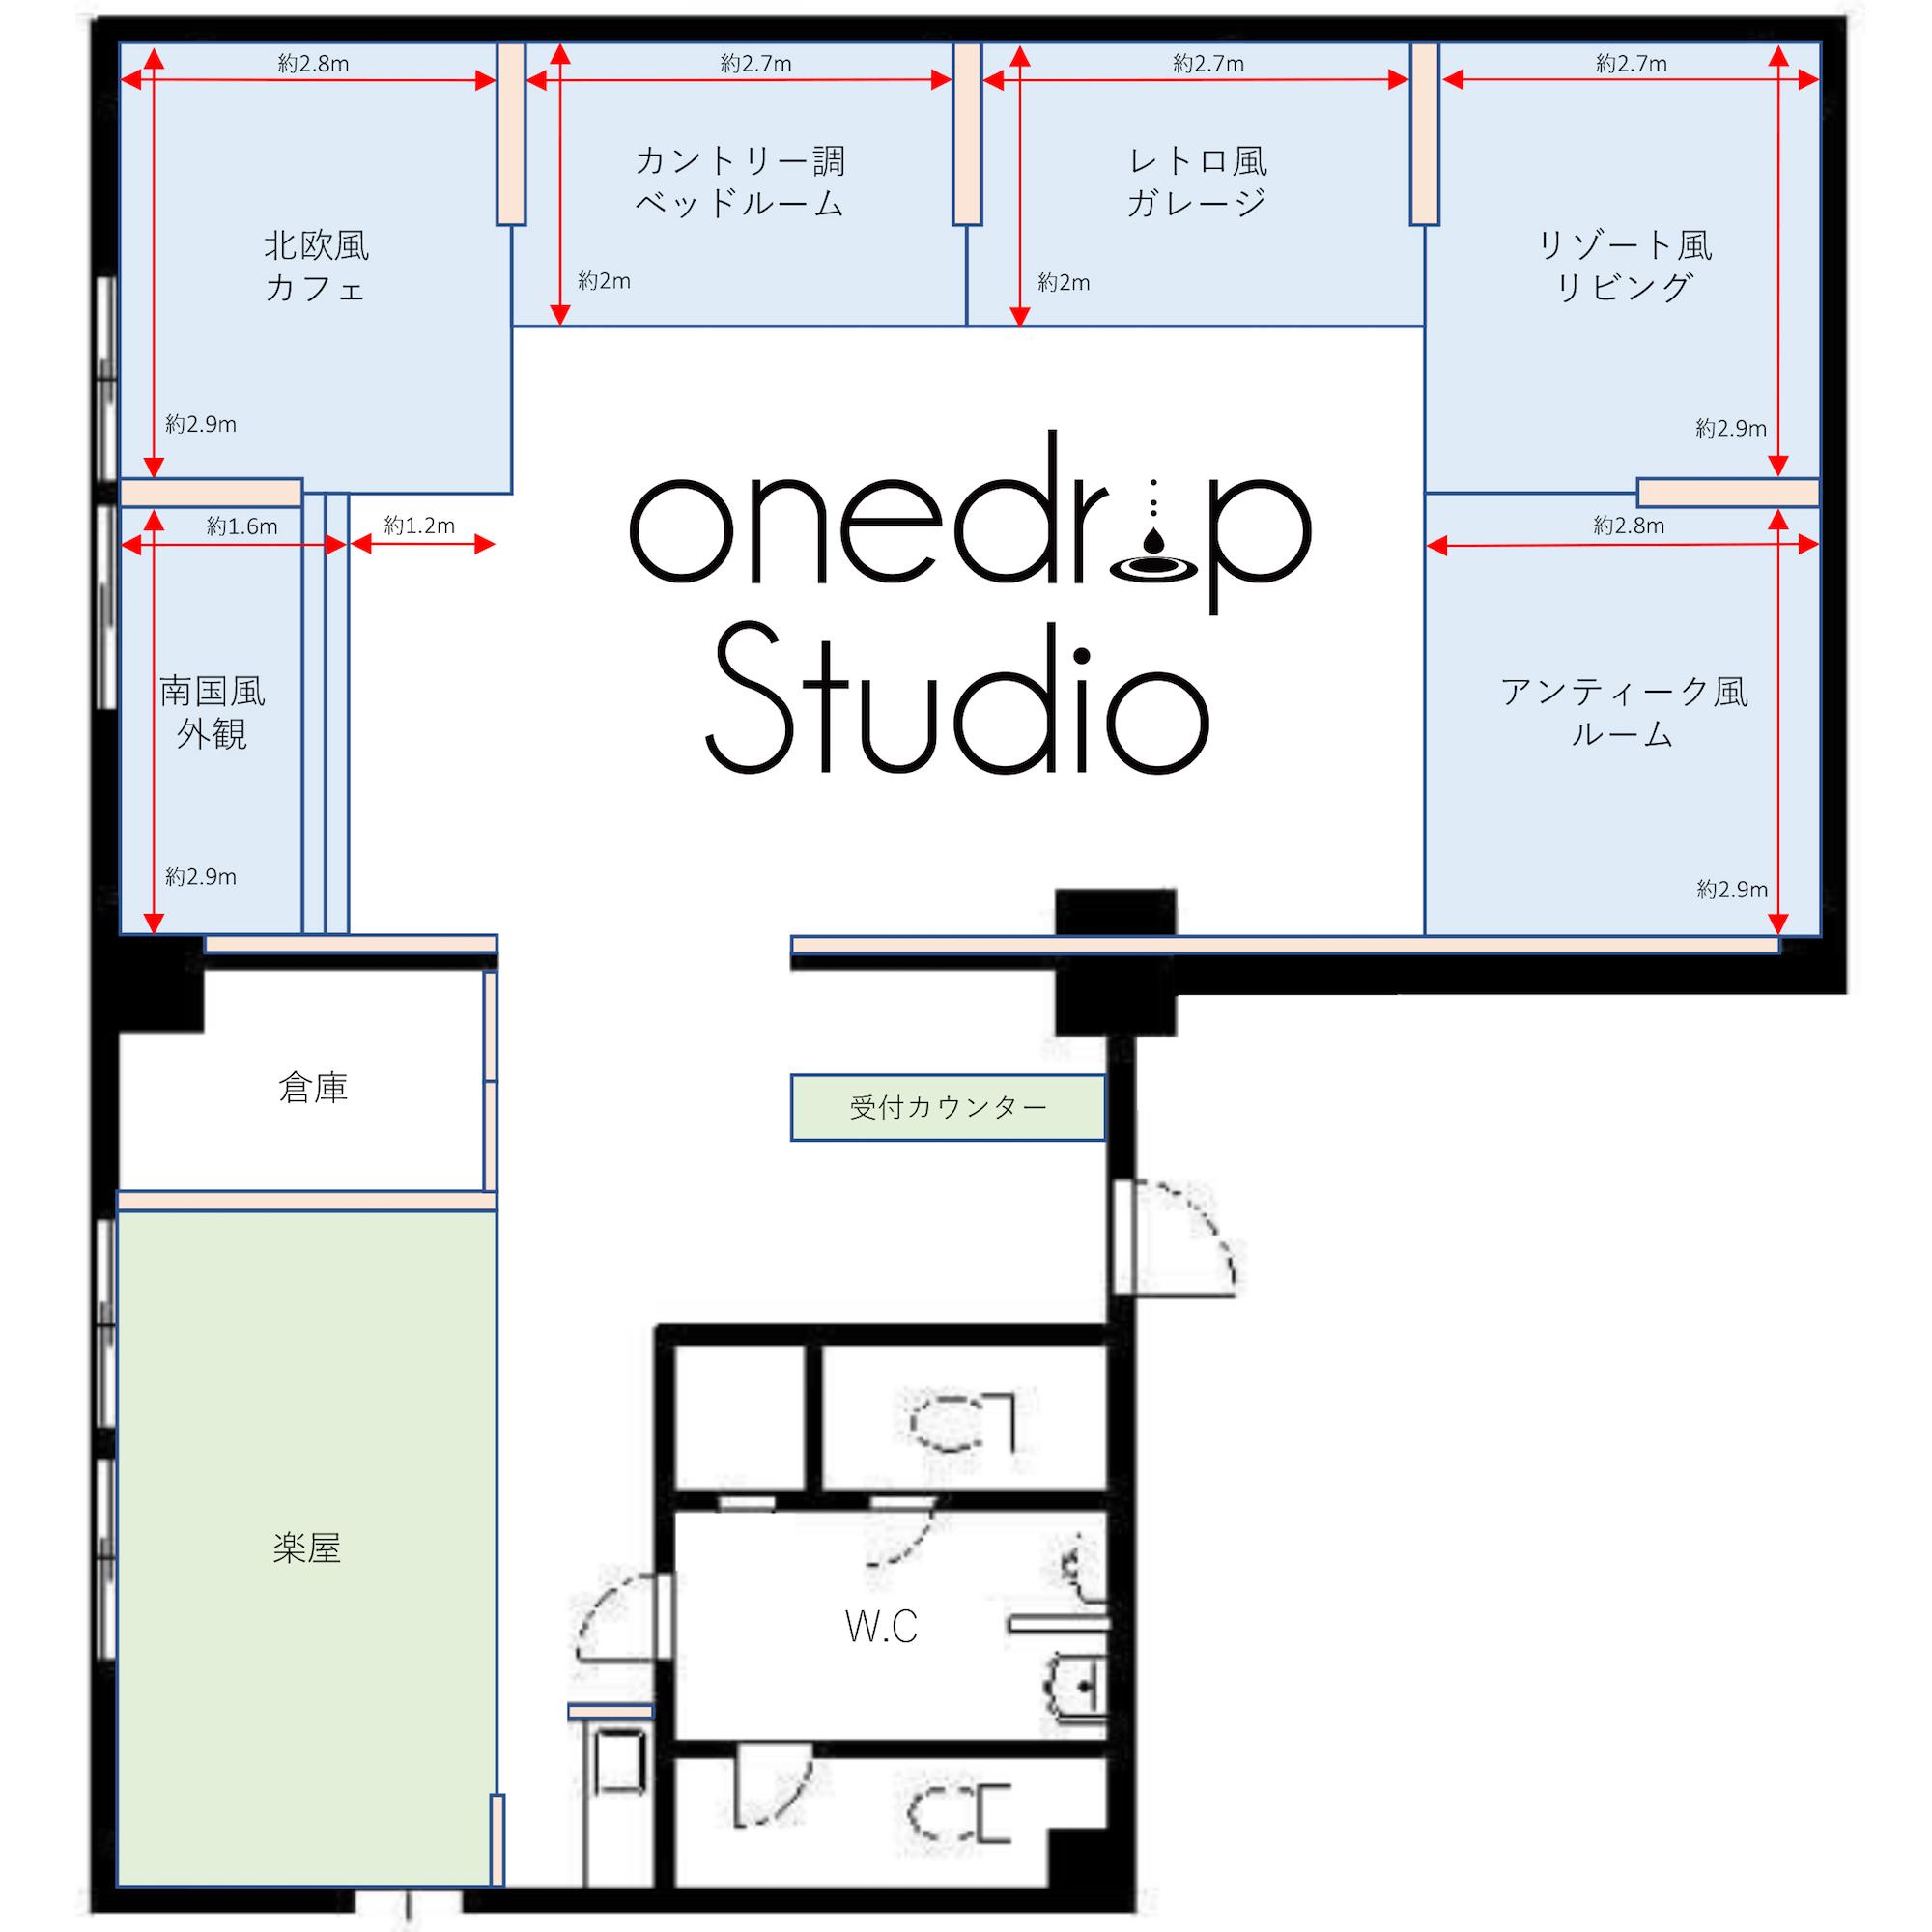 onedropStudio_drawingmap